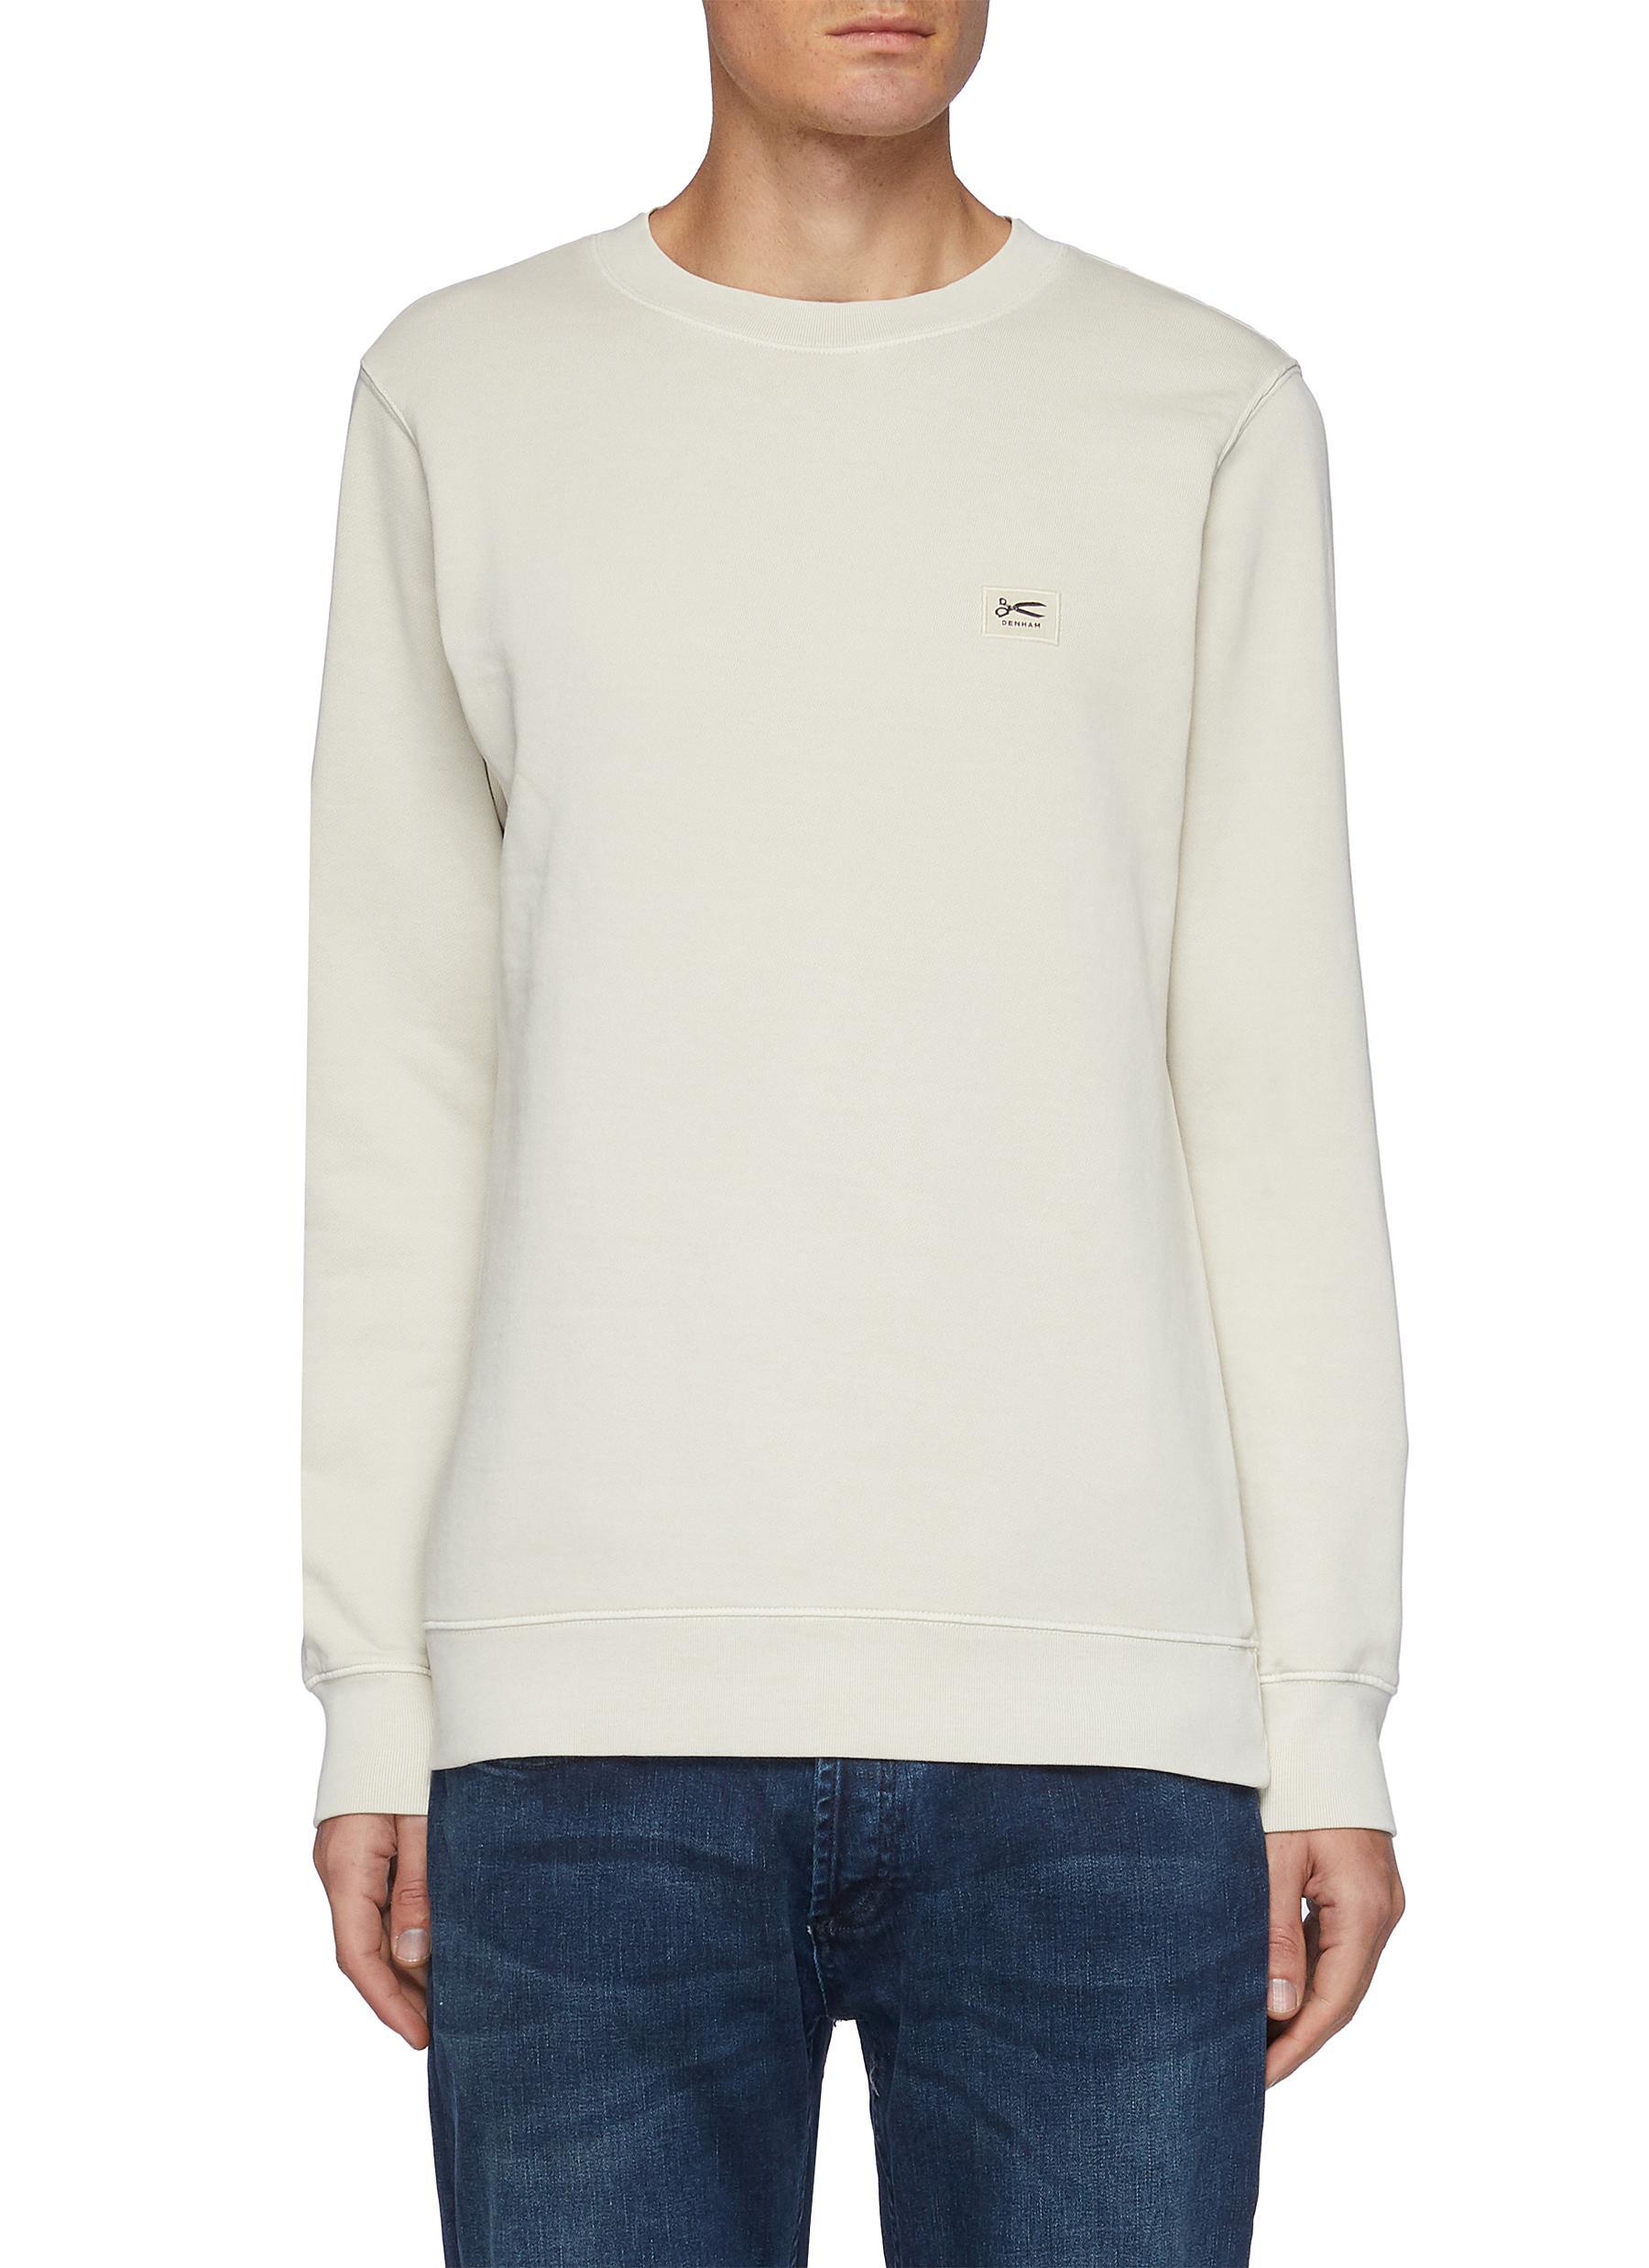 Logo Appliqué Cotton Sweatshirt - DENHAM - Modalova